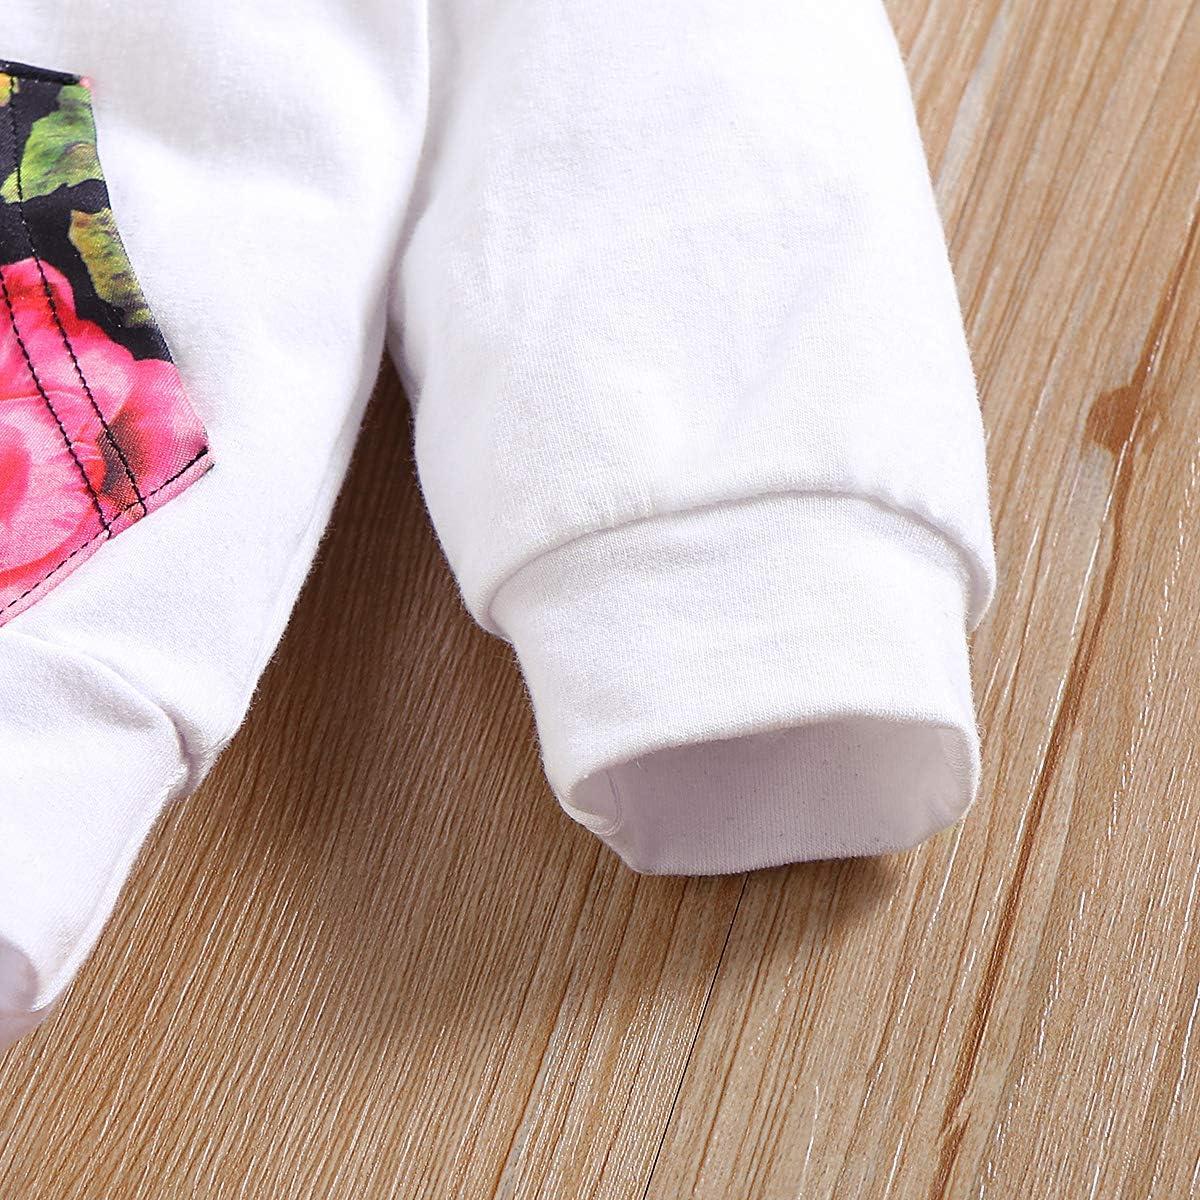 nettes HerbstHoodie gesetztes Pullover-Hosen-Stirnband Borlai Blumenausstattung der Baby-3PCS